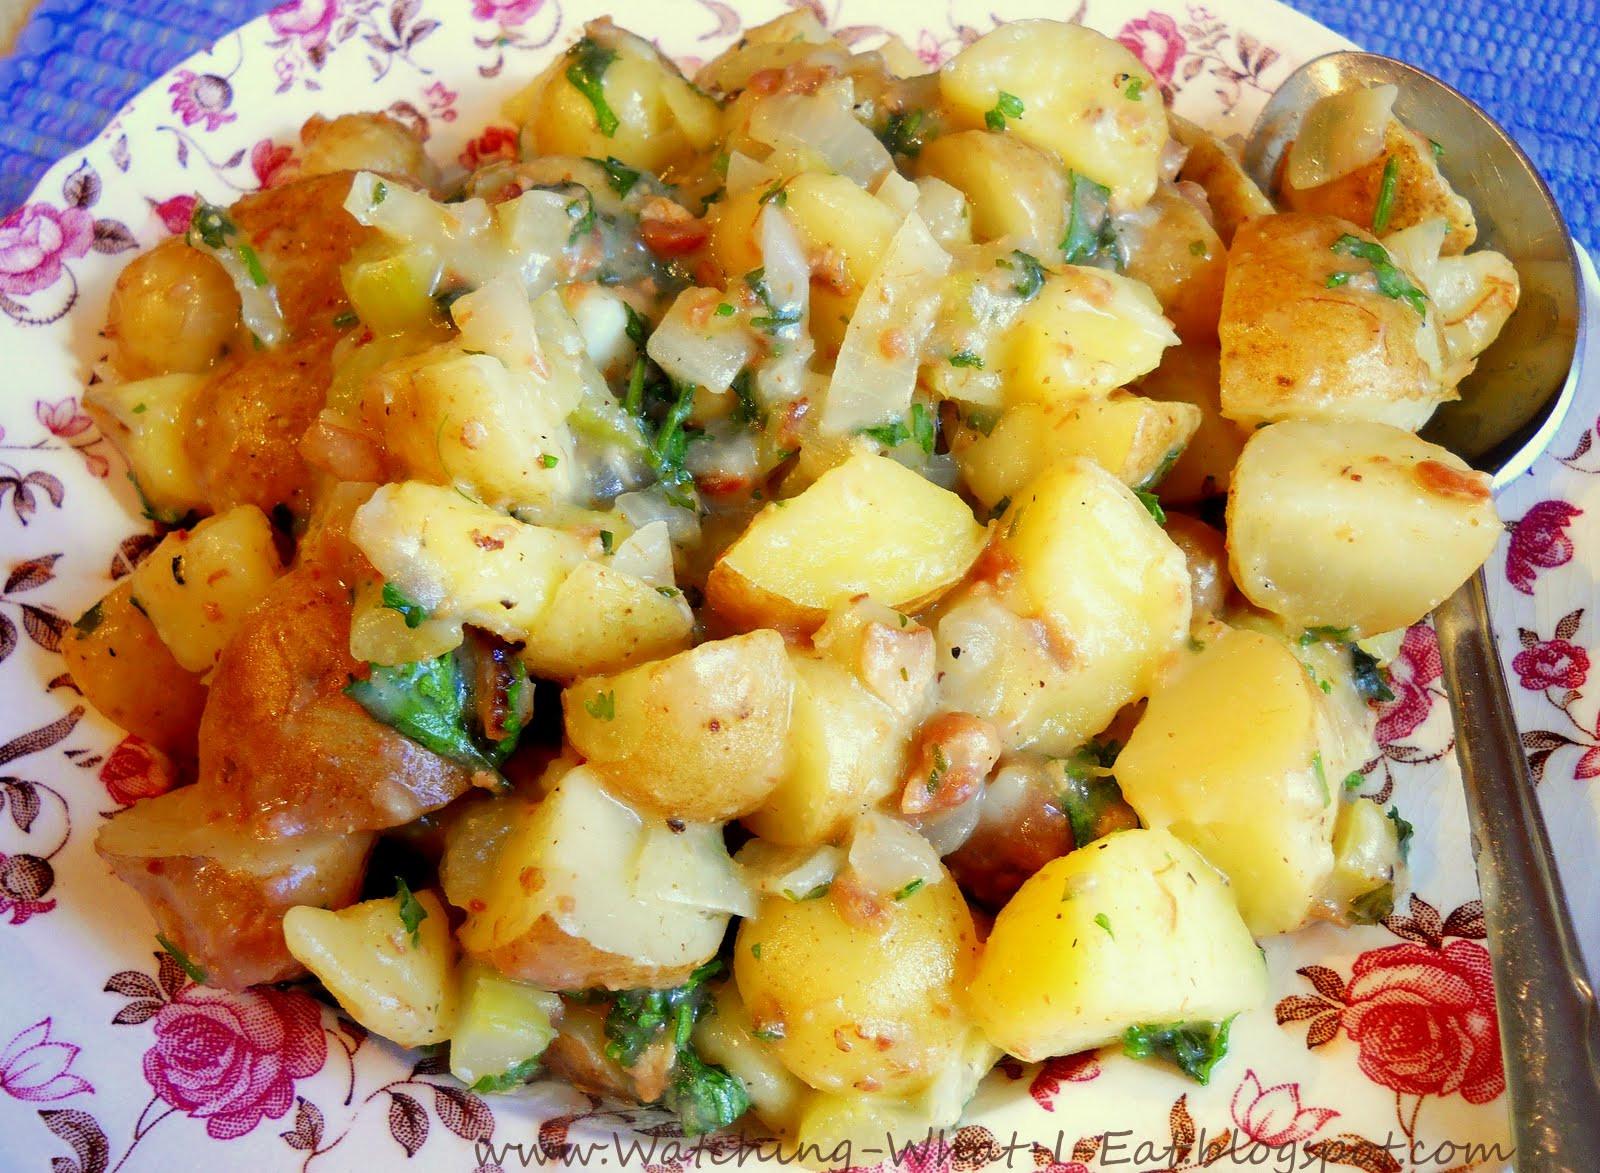 Hot German Potato Salad  Watching What I Eat Hot German Potato Salad Grandma Bunni s